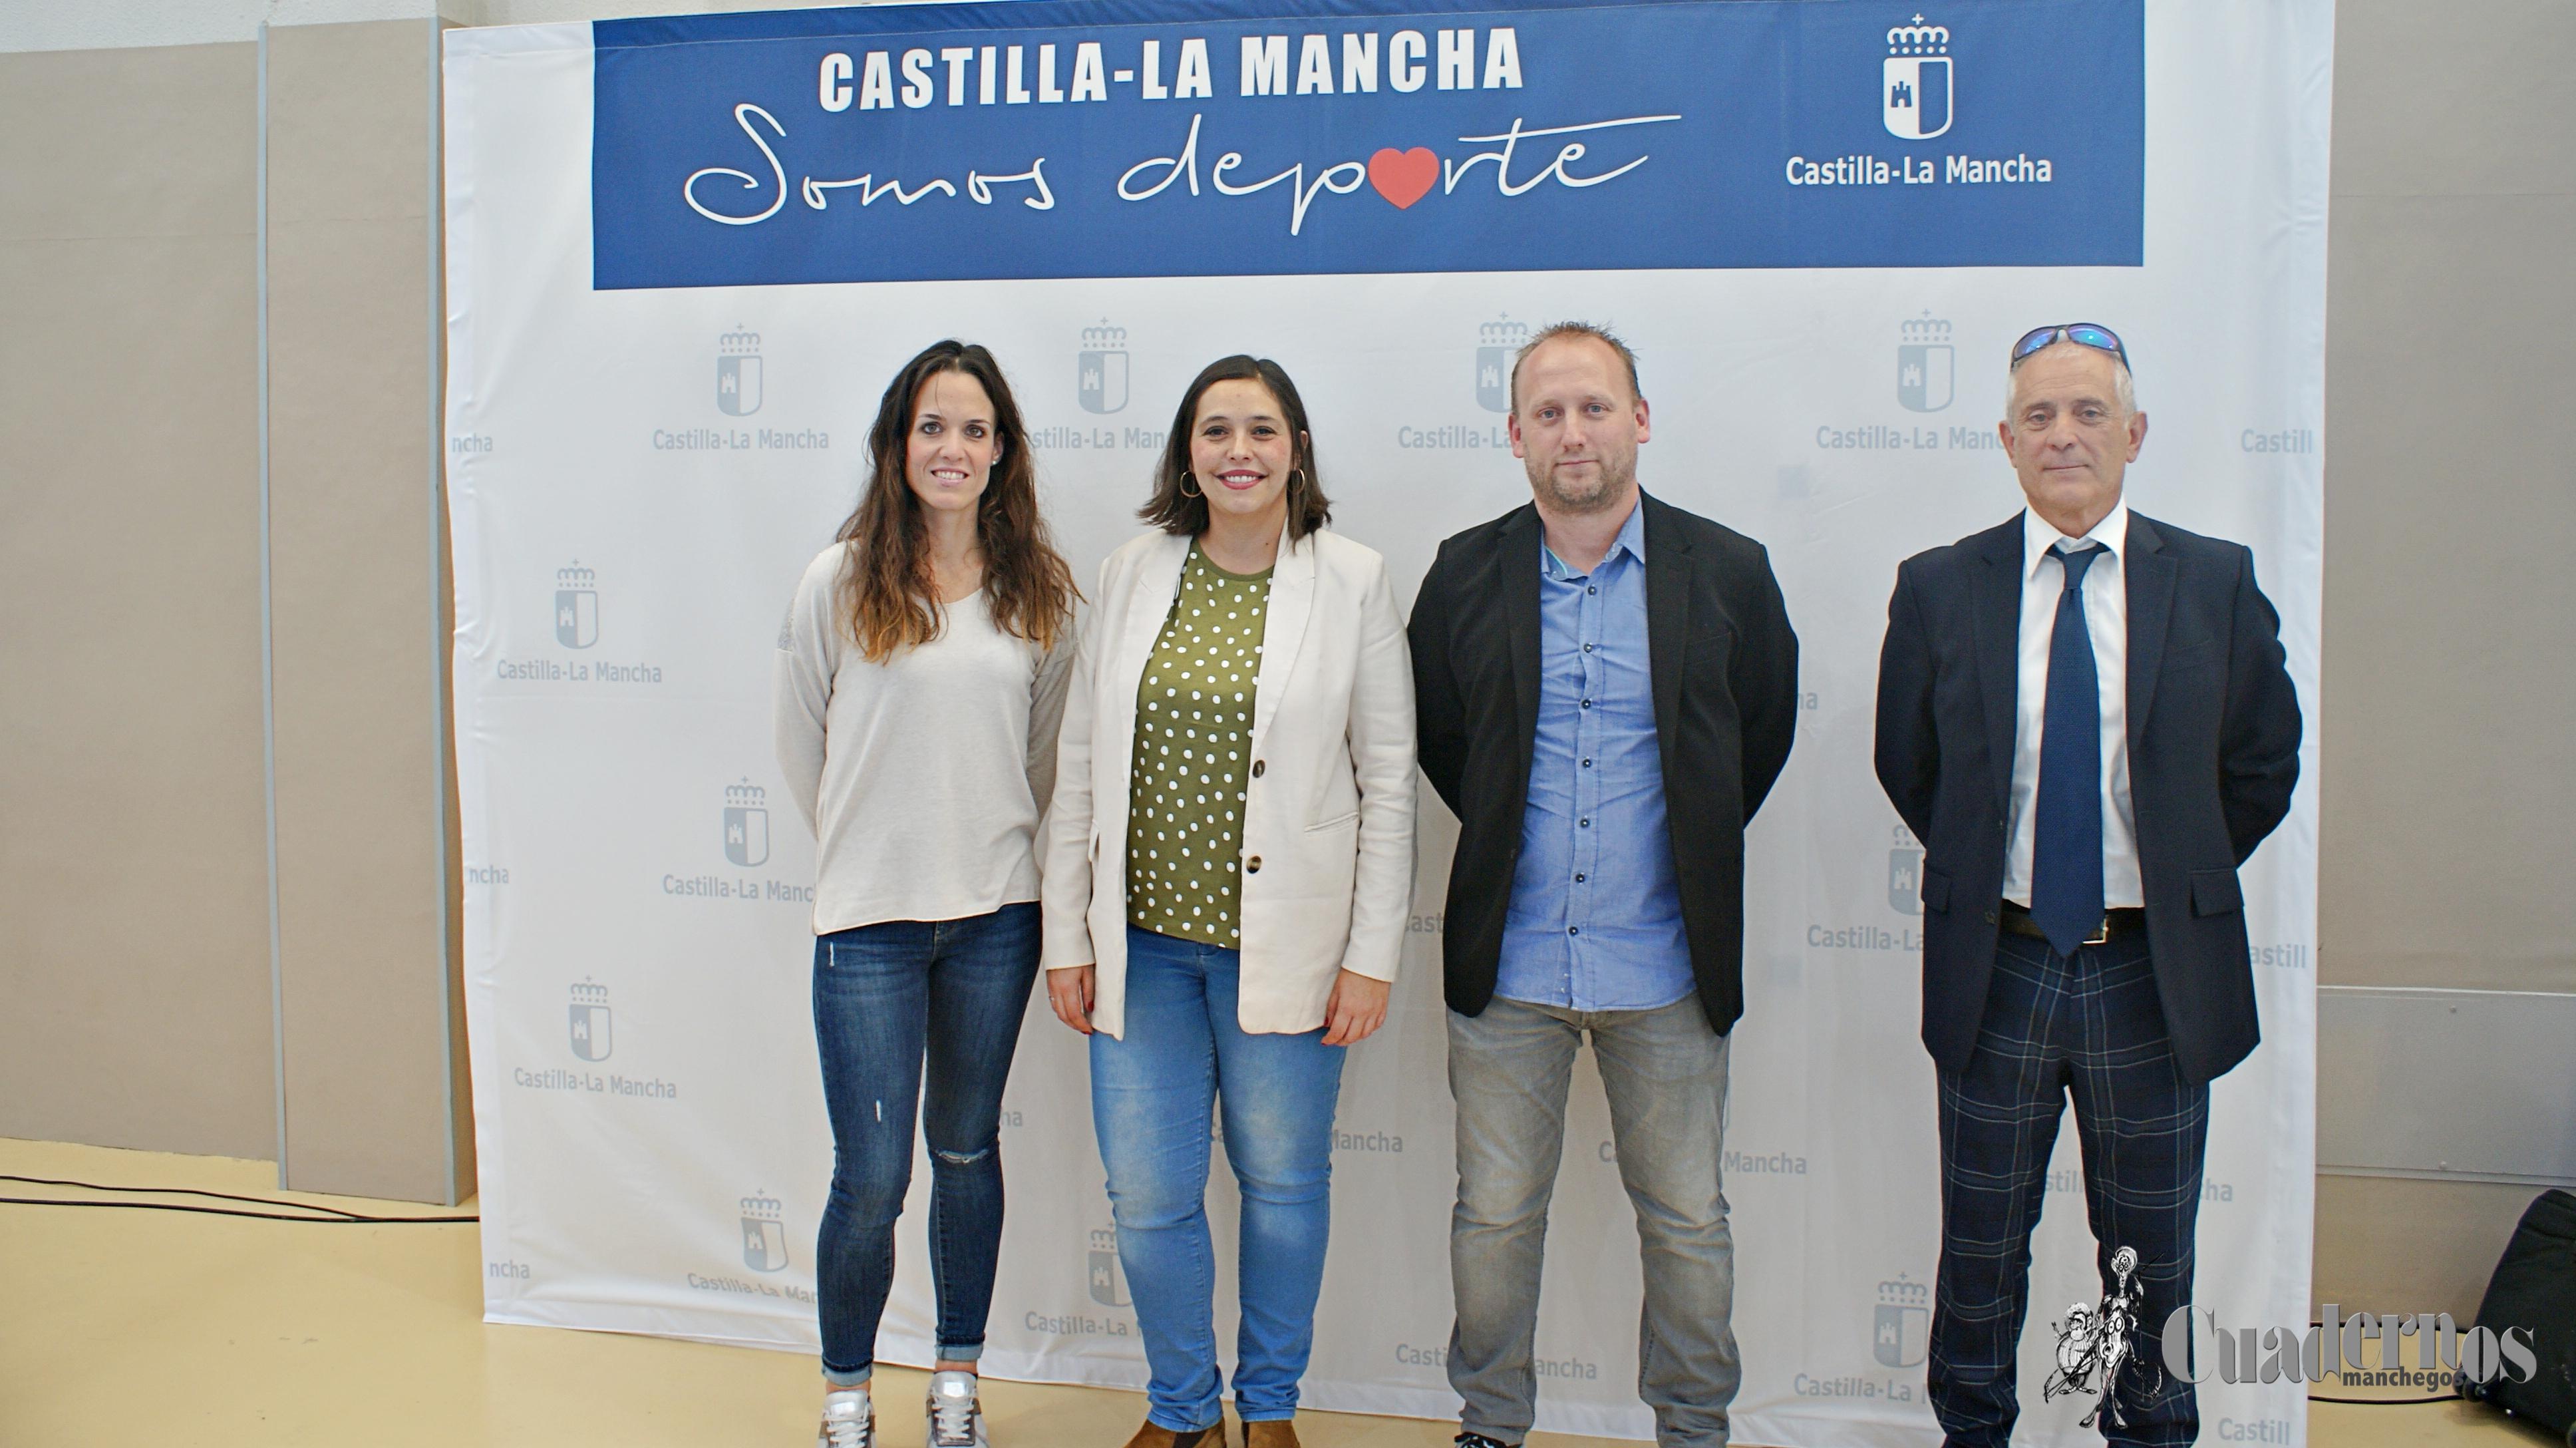 Celebrado con enorme éxito el Trofeo de la JCCM de Baloncesto femenino, donde se anunció la próxima publicación de ayudas a las federaciones de baloncesto.